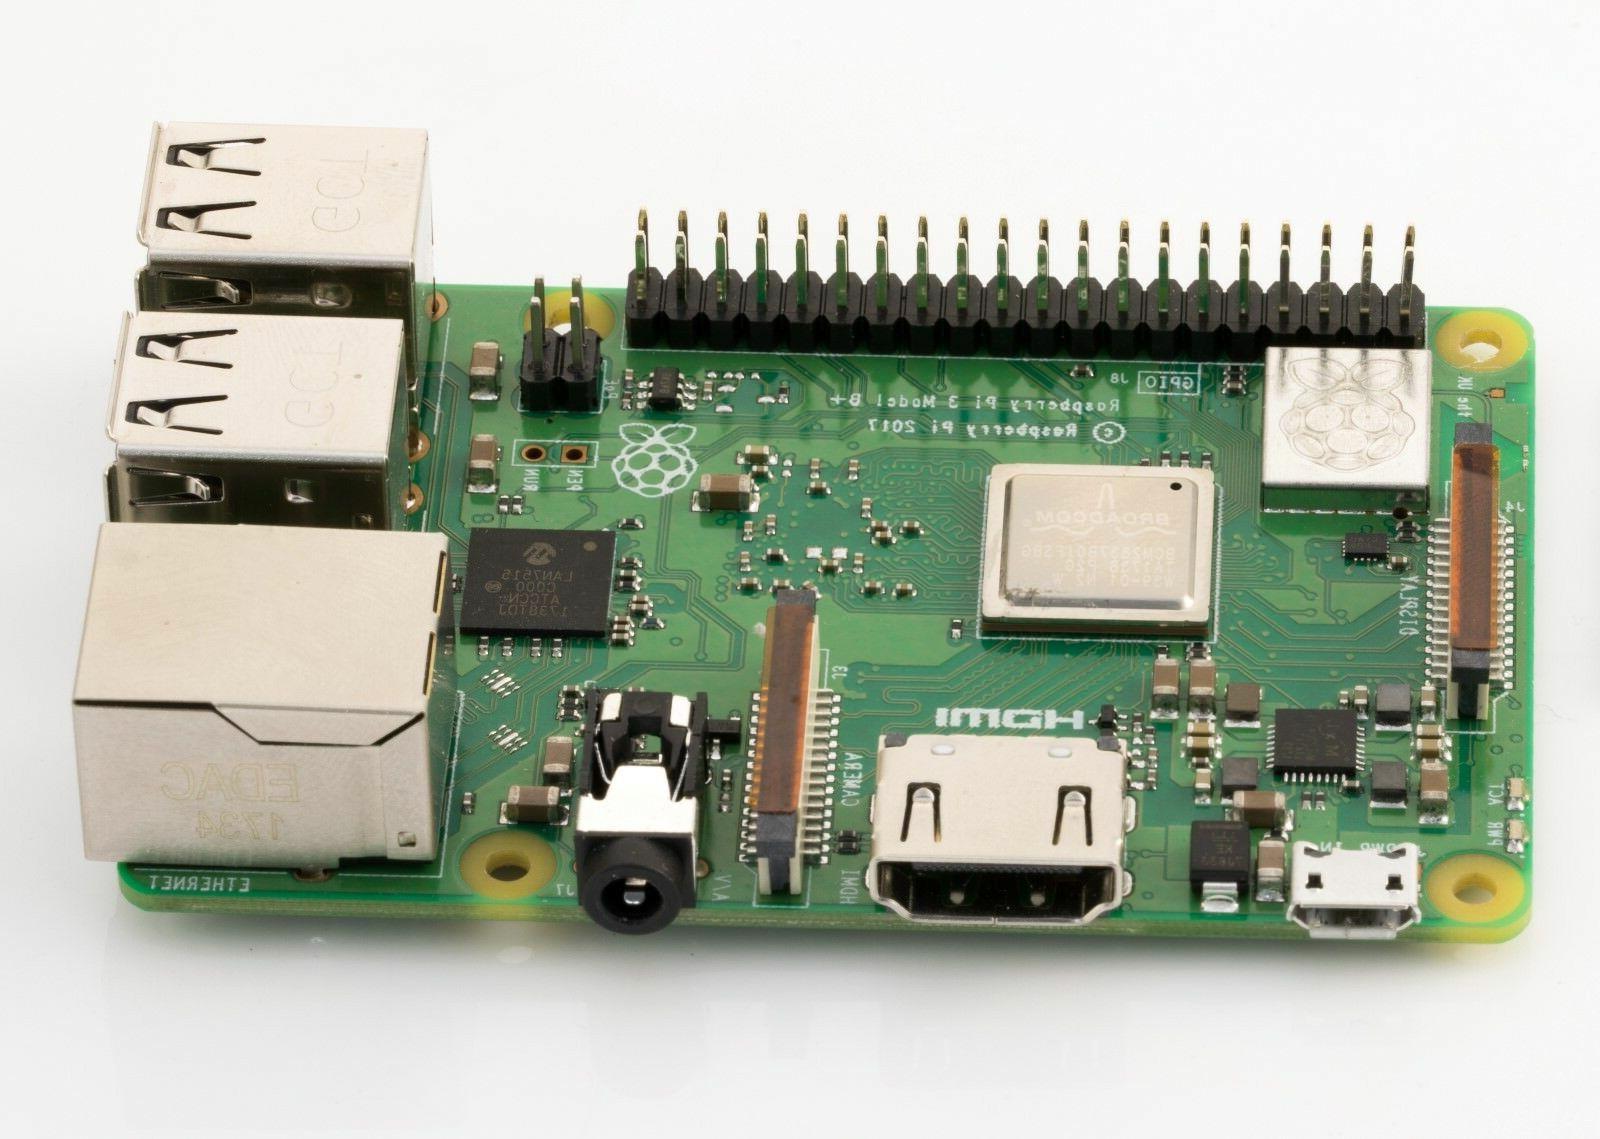 Raspberry PI 3 B+ B Bit Quad WIFI Motherboard Computer